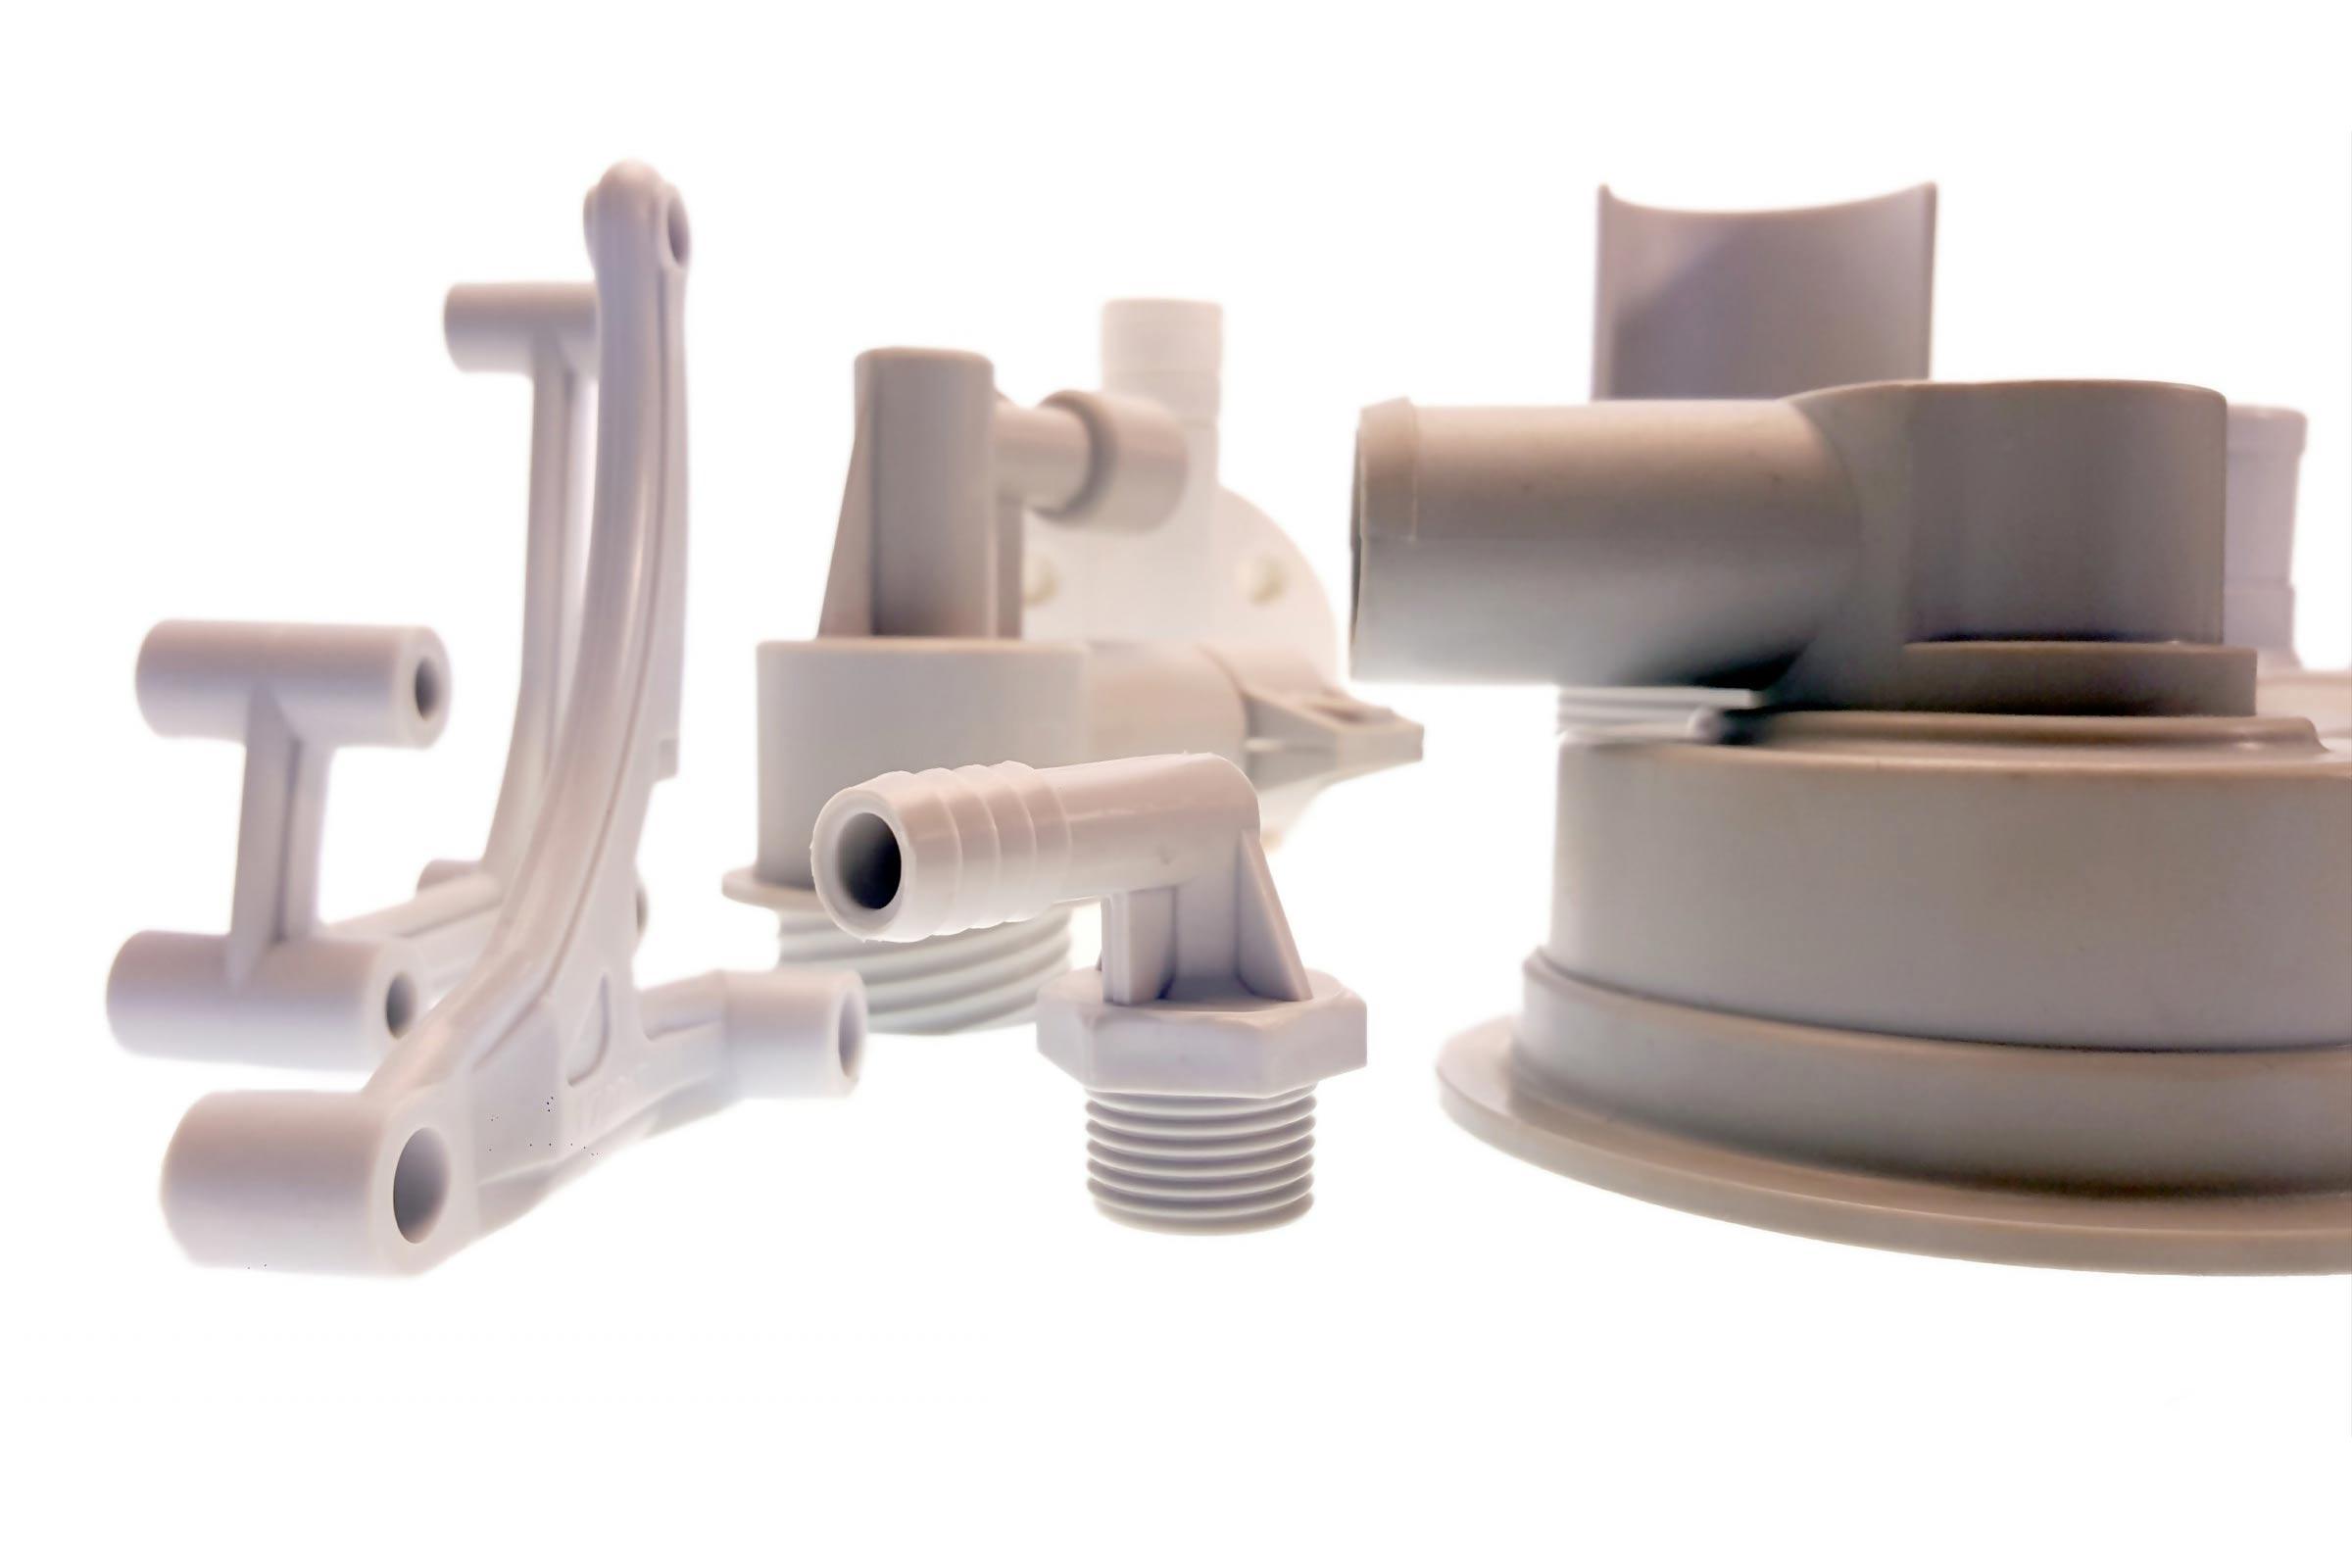 Stampaggio particolari meccanici macchine lavaggio industriali - Fratelli Marchesi Srl